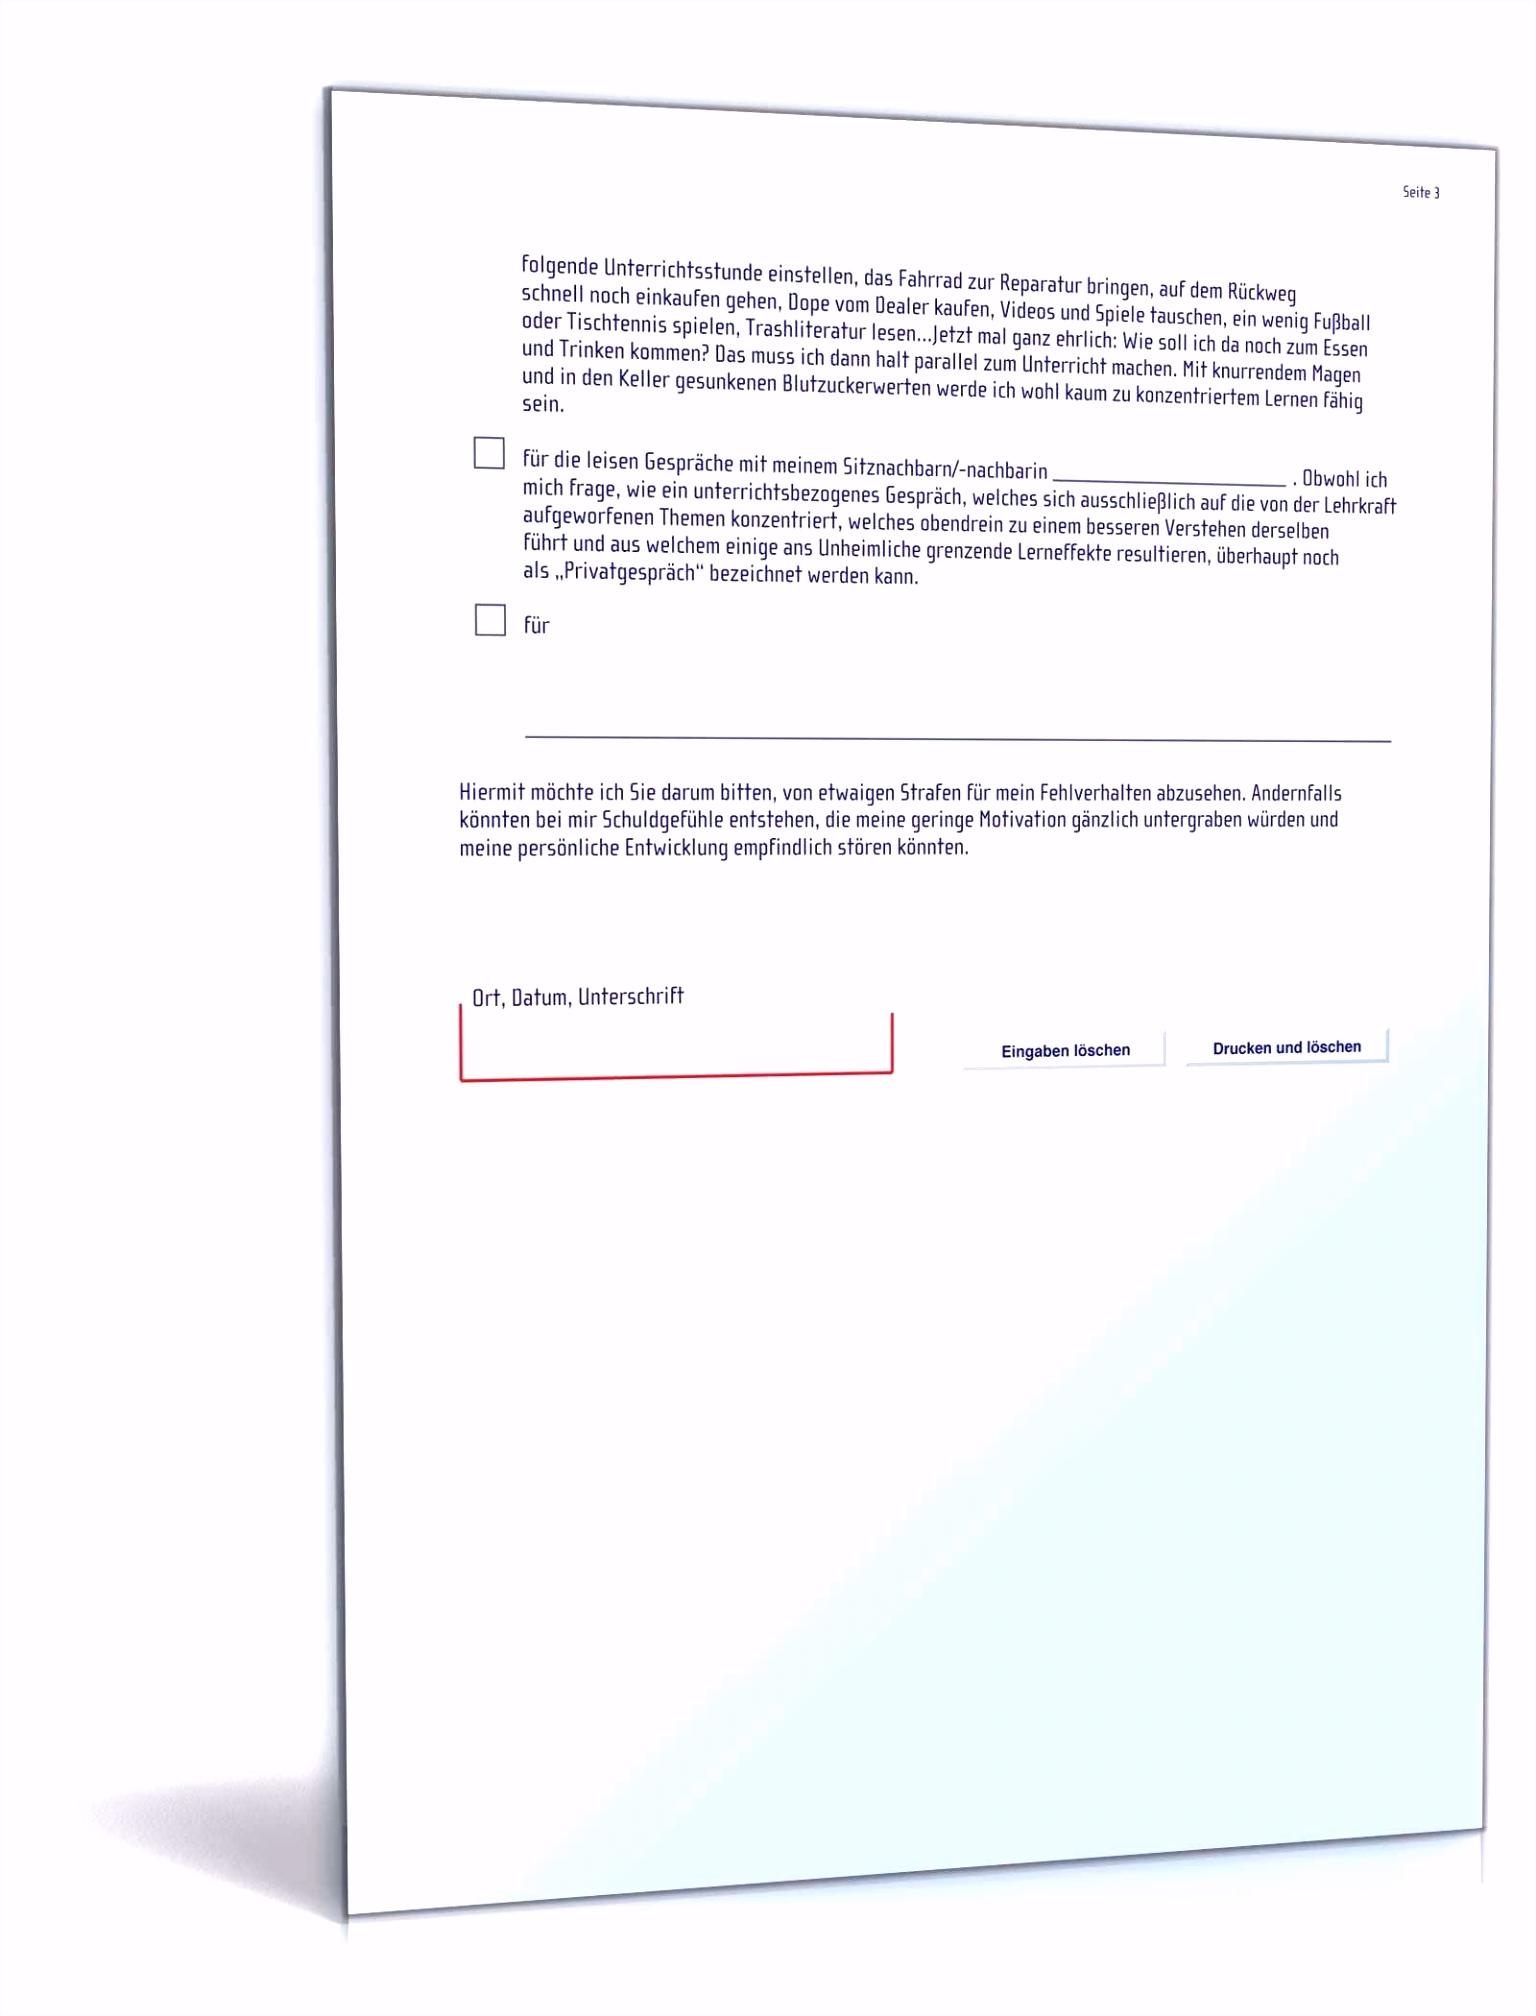 Freistellung Betriebsrat Vorlage 25 Druckbare Freistellung Nach Kündigung Muster A6dz27ige4 V5dj4uixas